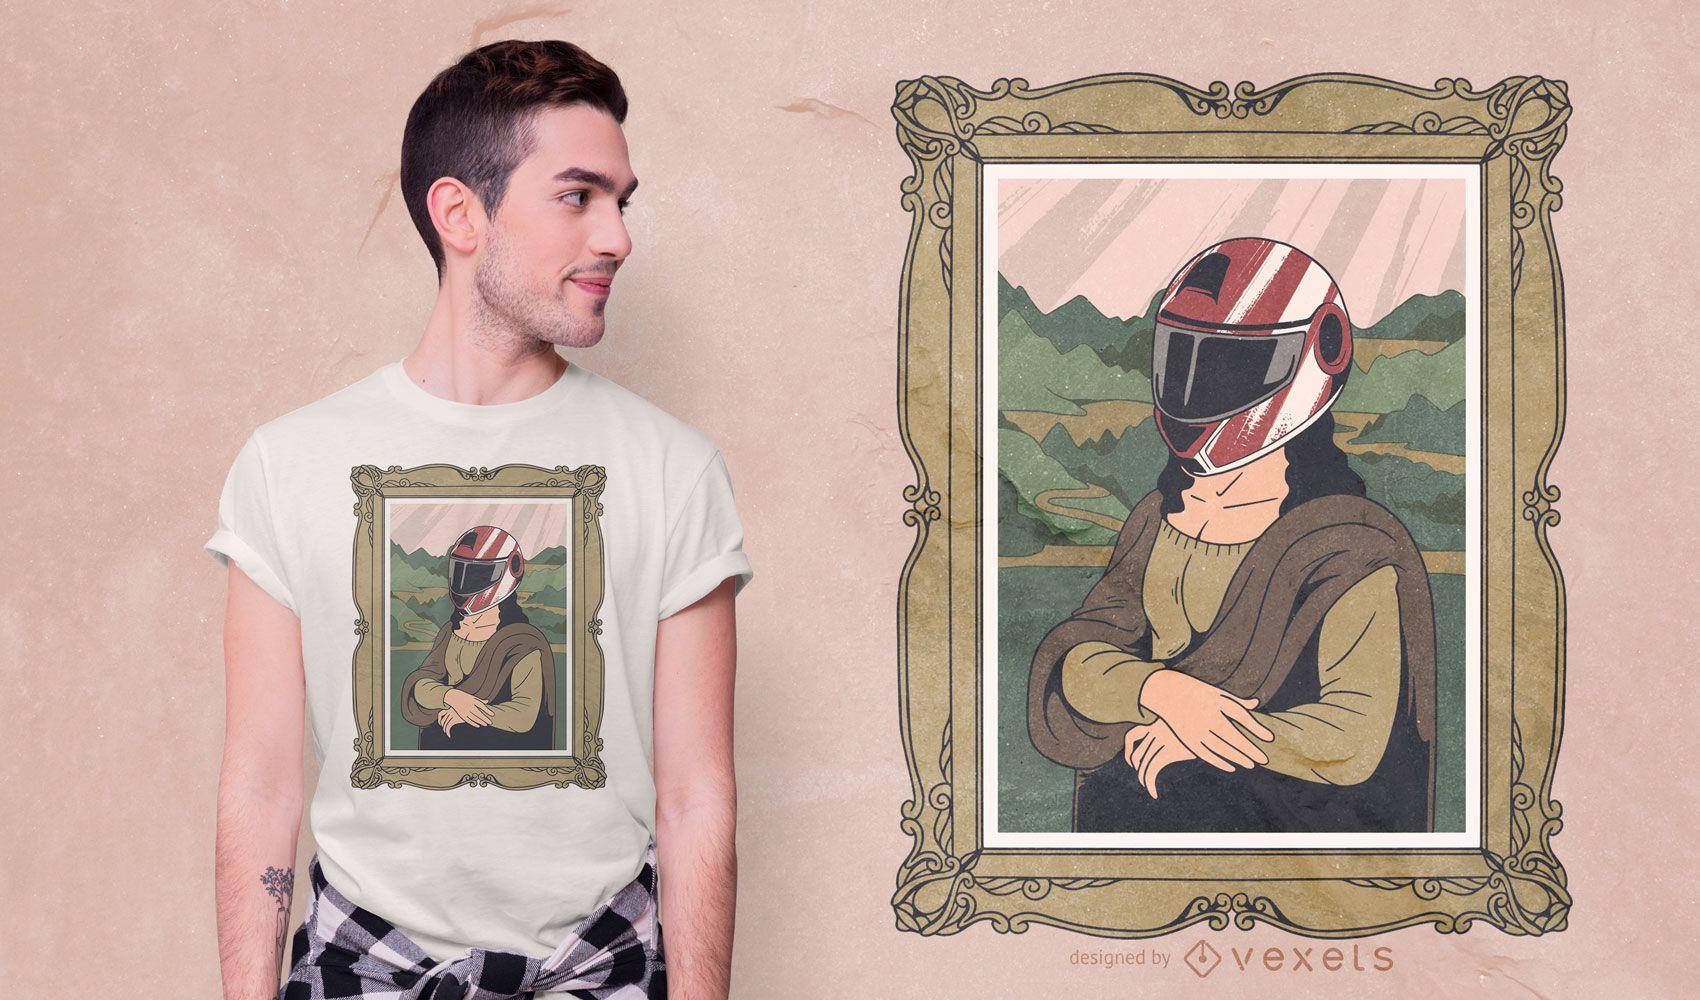 Mona Lisa Helmet T-shirt Design